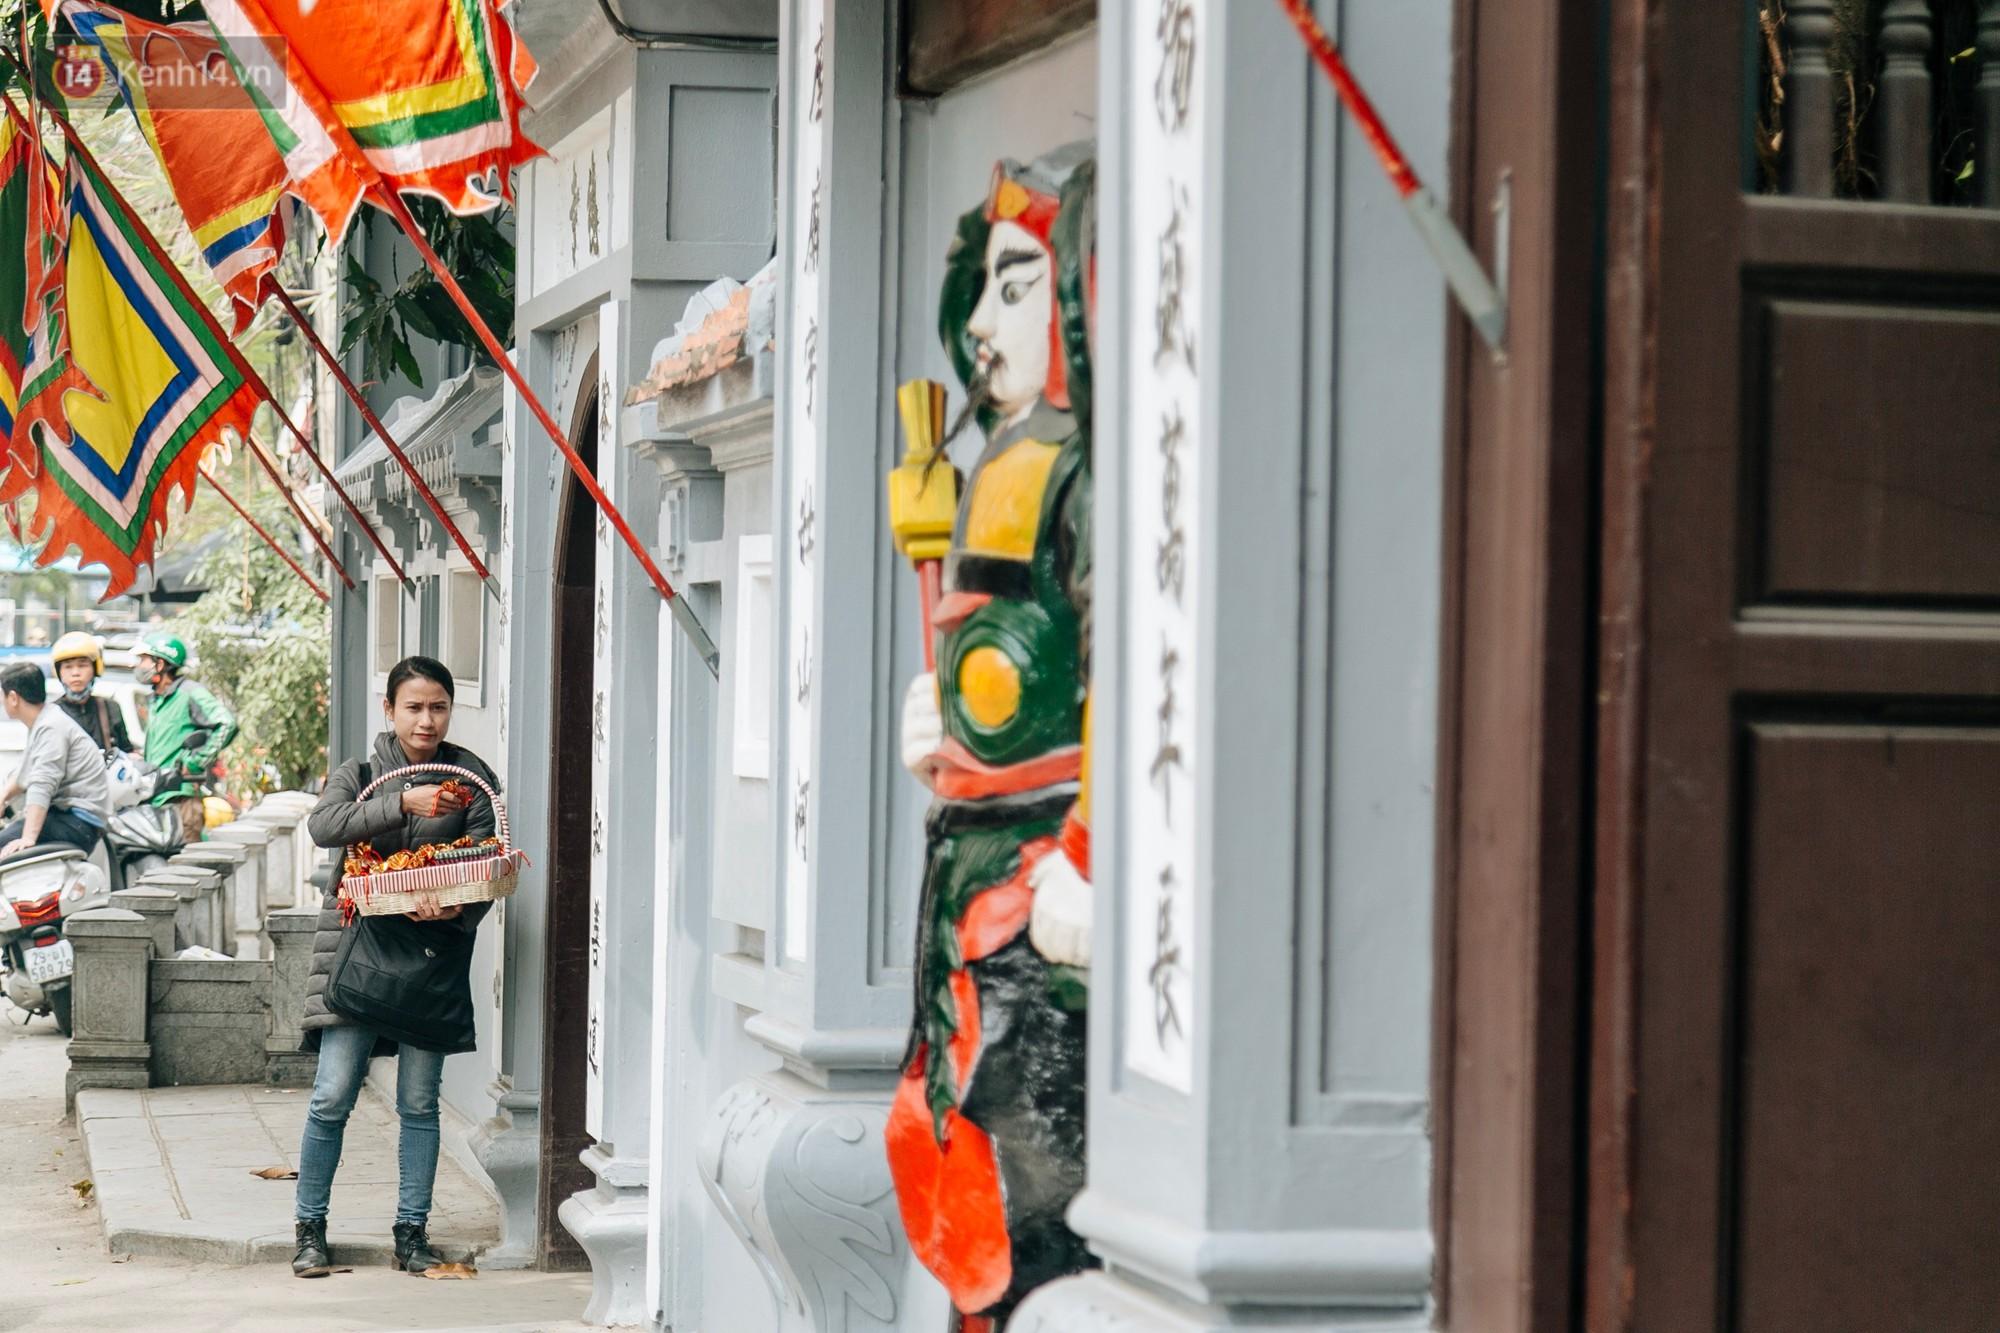 Ngay từ cổng chùa, nhiều người dân bán những gói muối. Theo quan niệm,